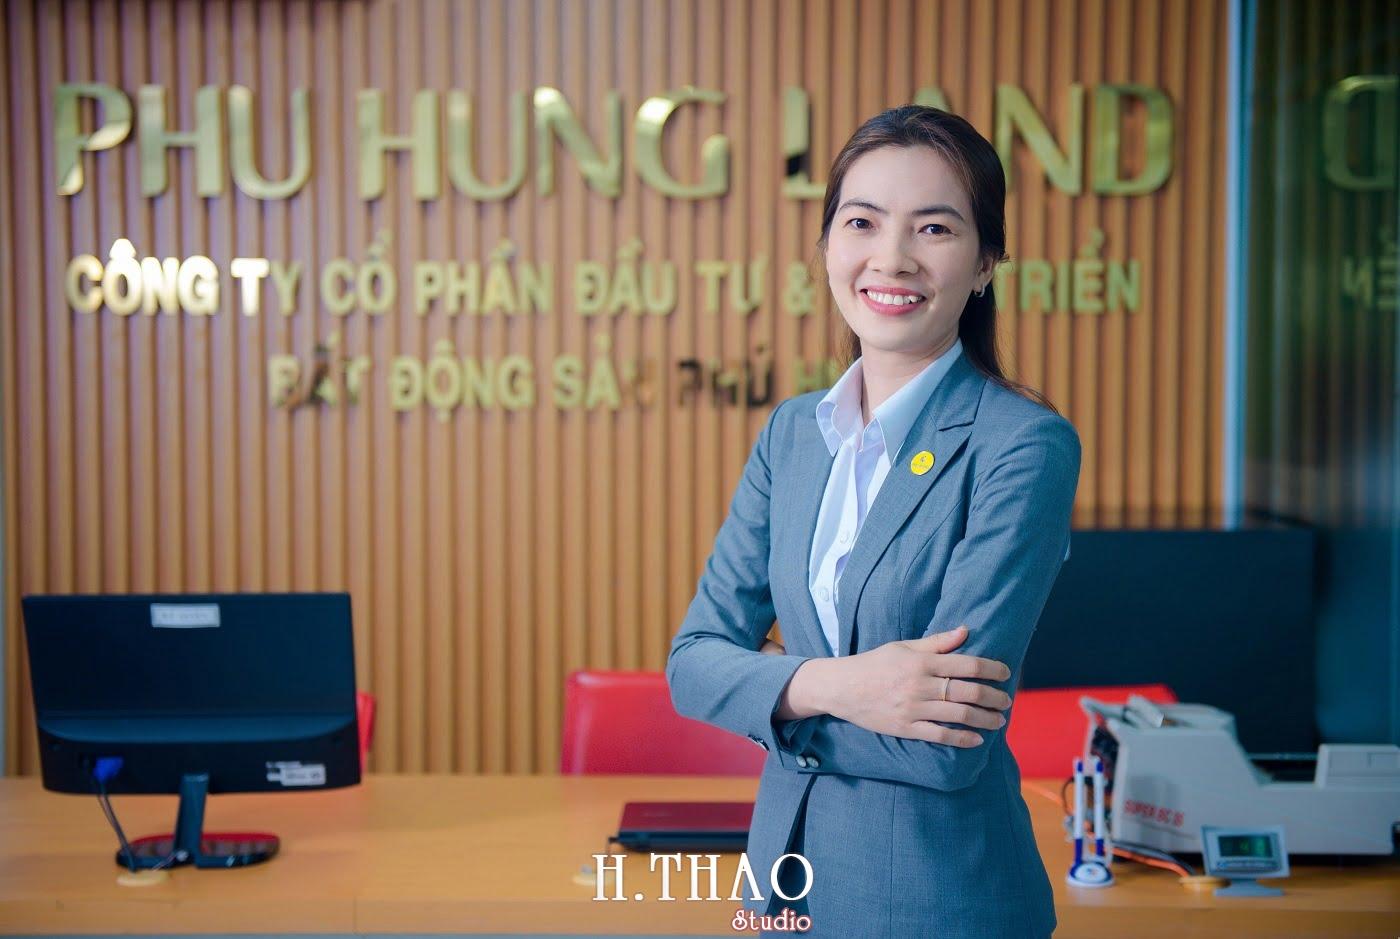 Phu Hung Land 13 - Album ảnh profile nhân sự công ty Phu Hung Land – HThao Studio